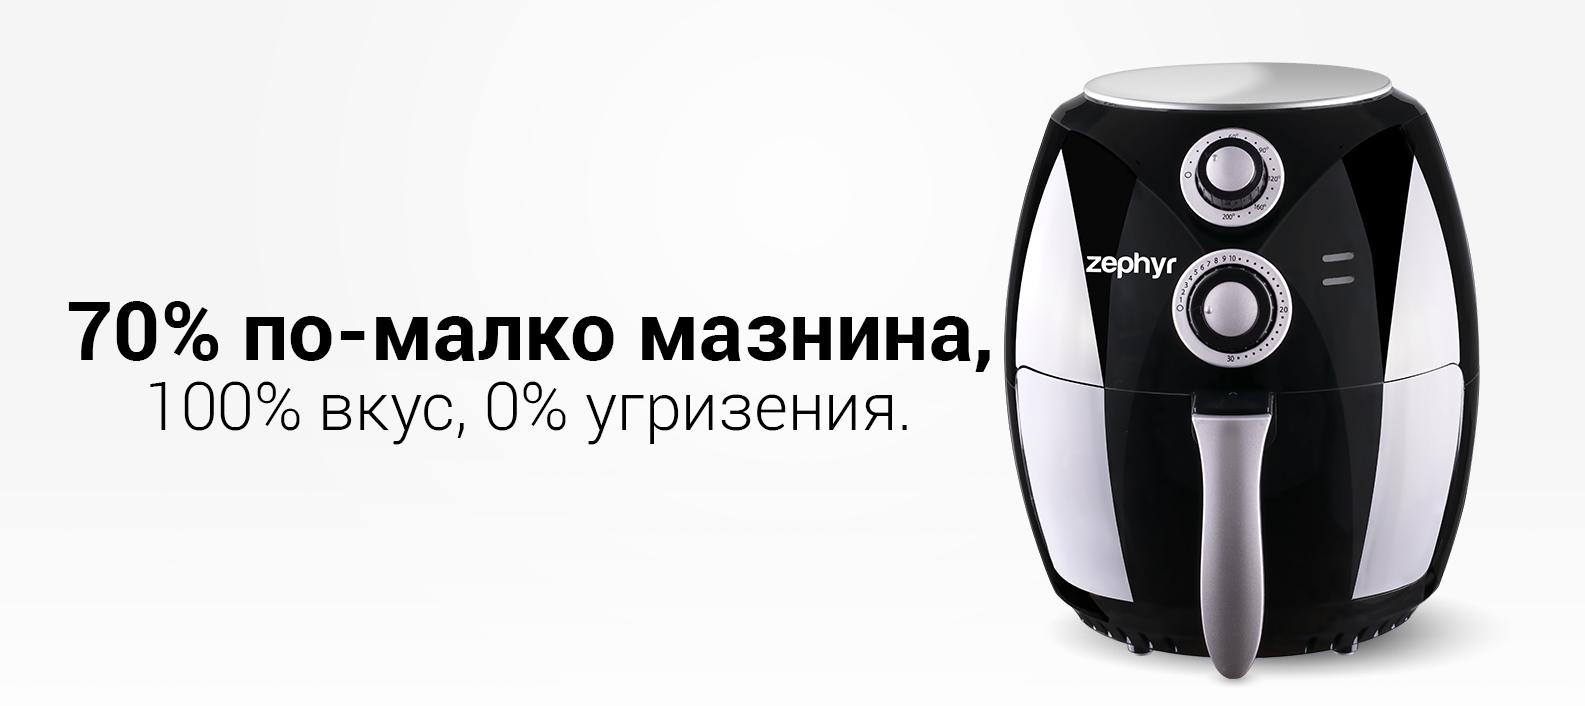 Фритюрник с горещ въздух Zephyr